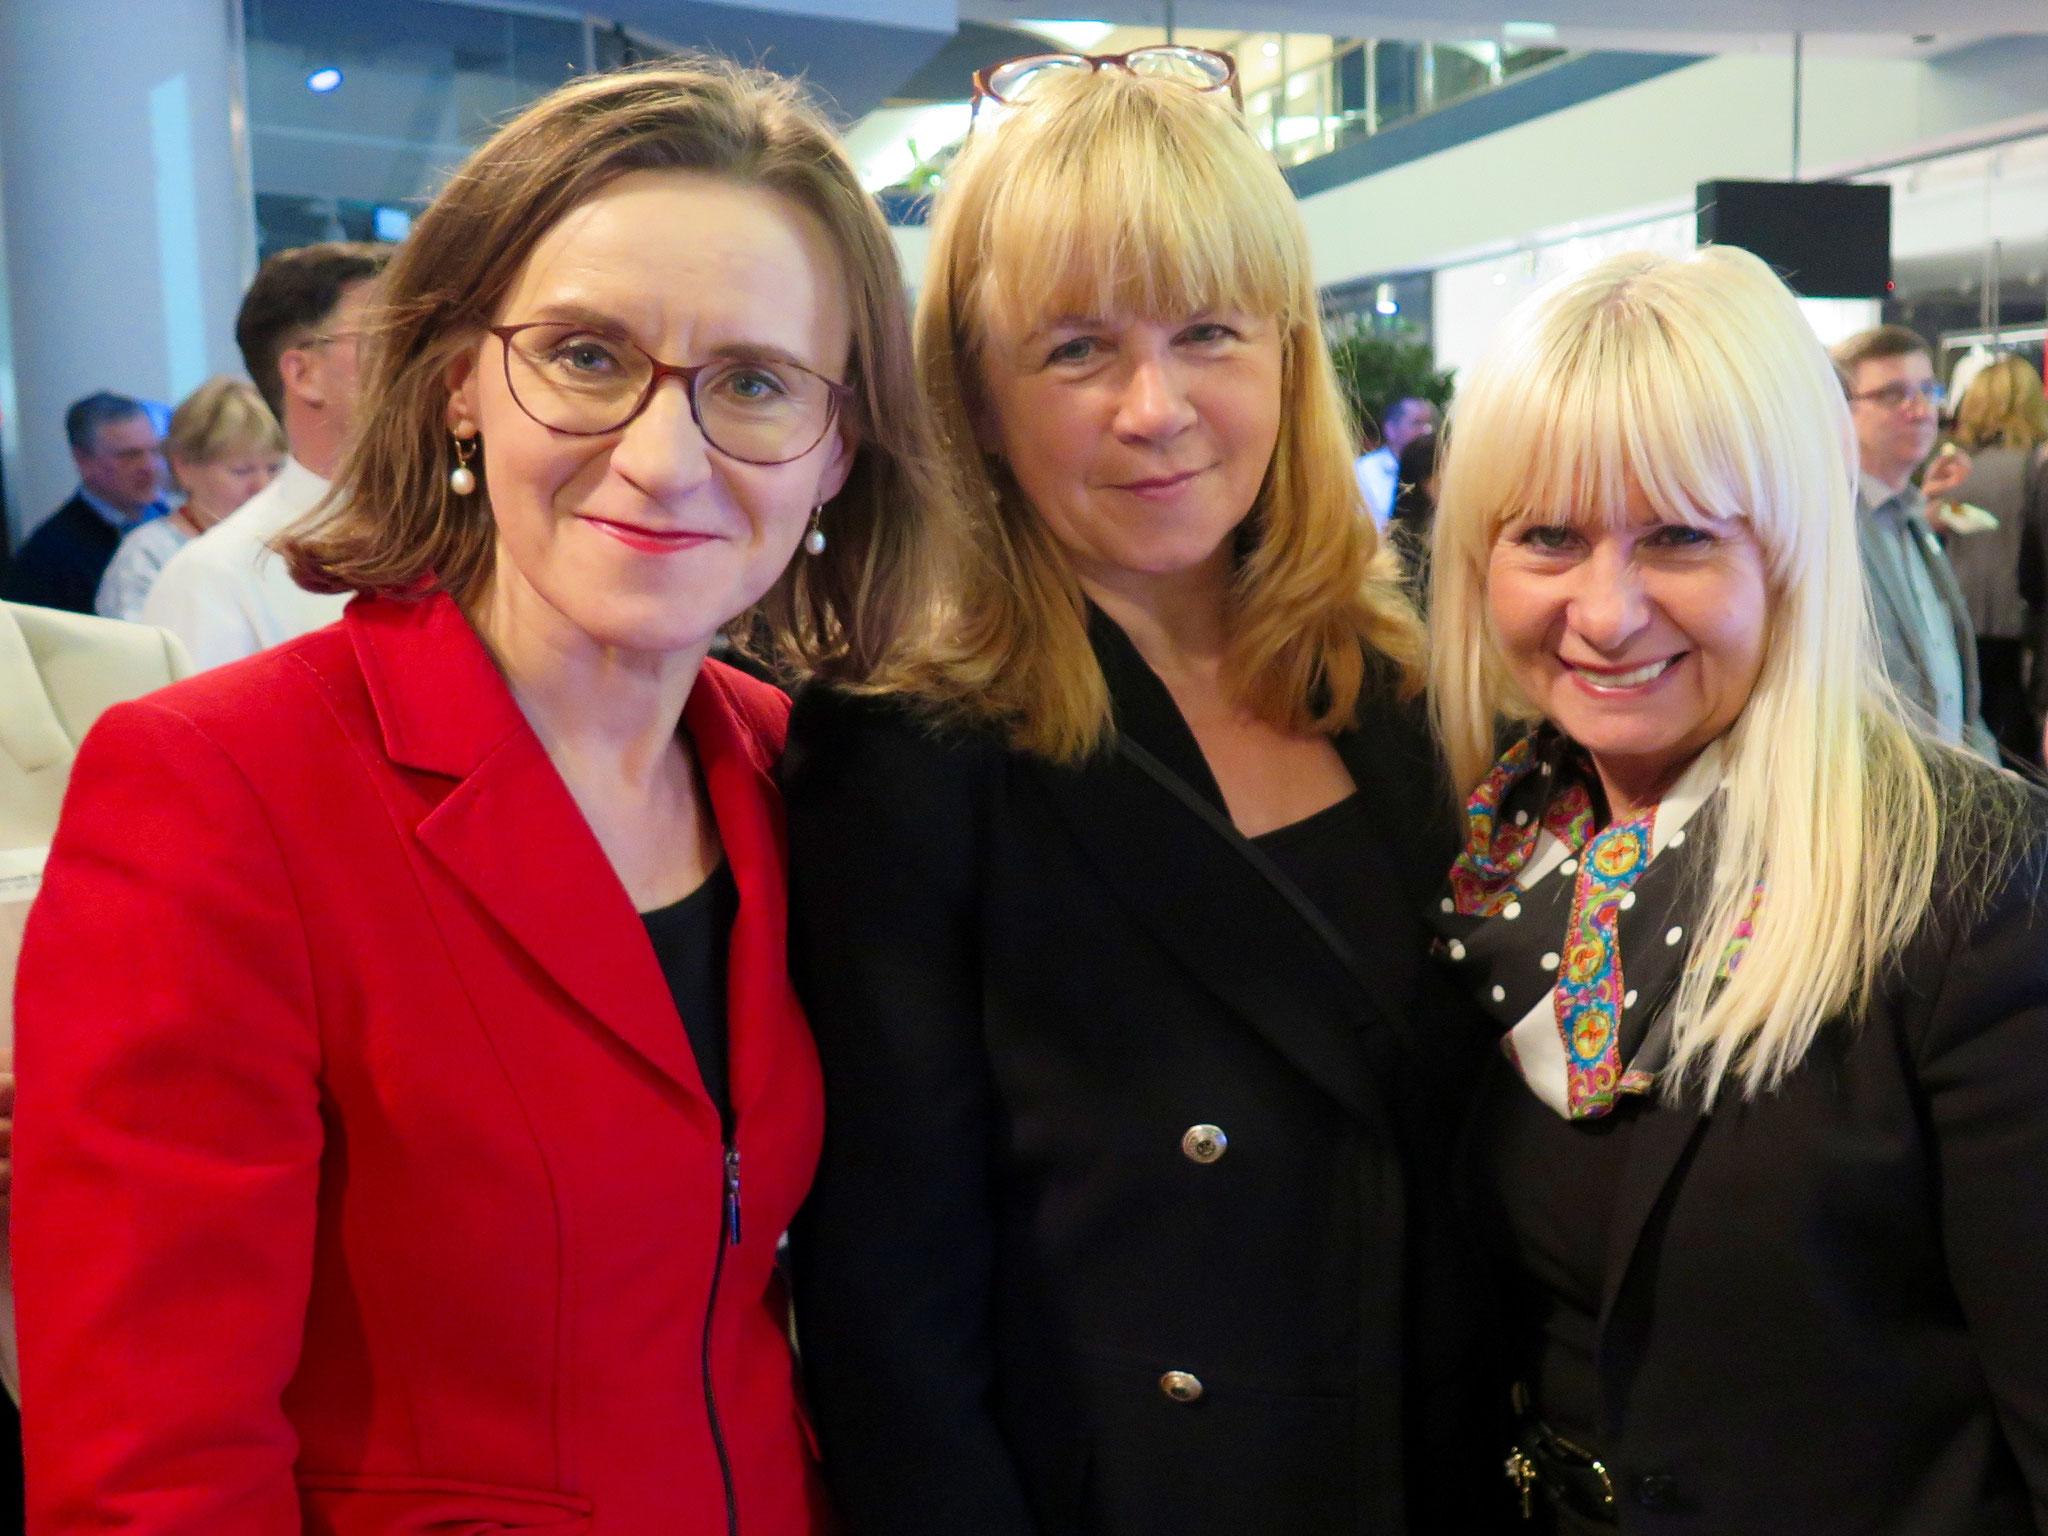 Bahn-Vorständin Dr. Sigrid Nikutta mit Bezirksstadträtin Juliane Witt (Die Linke) und der SPD-Abgeordneten Iris Spranger